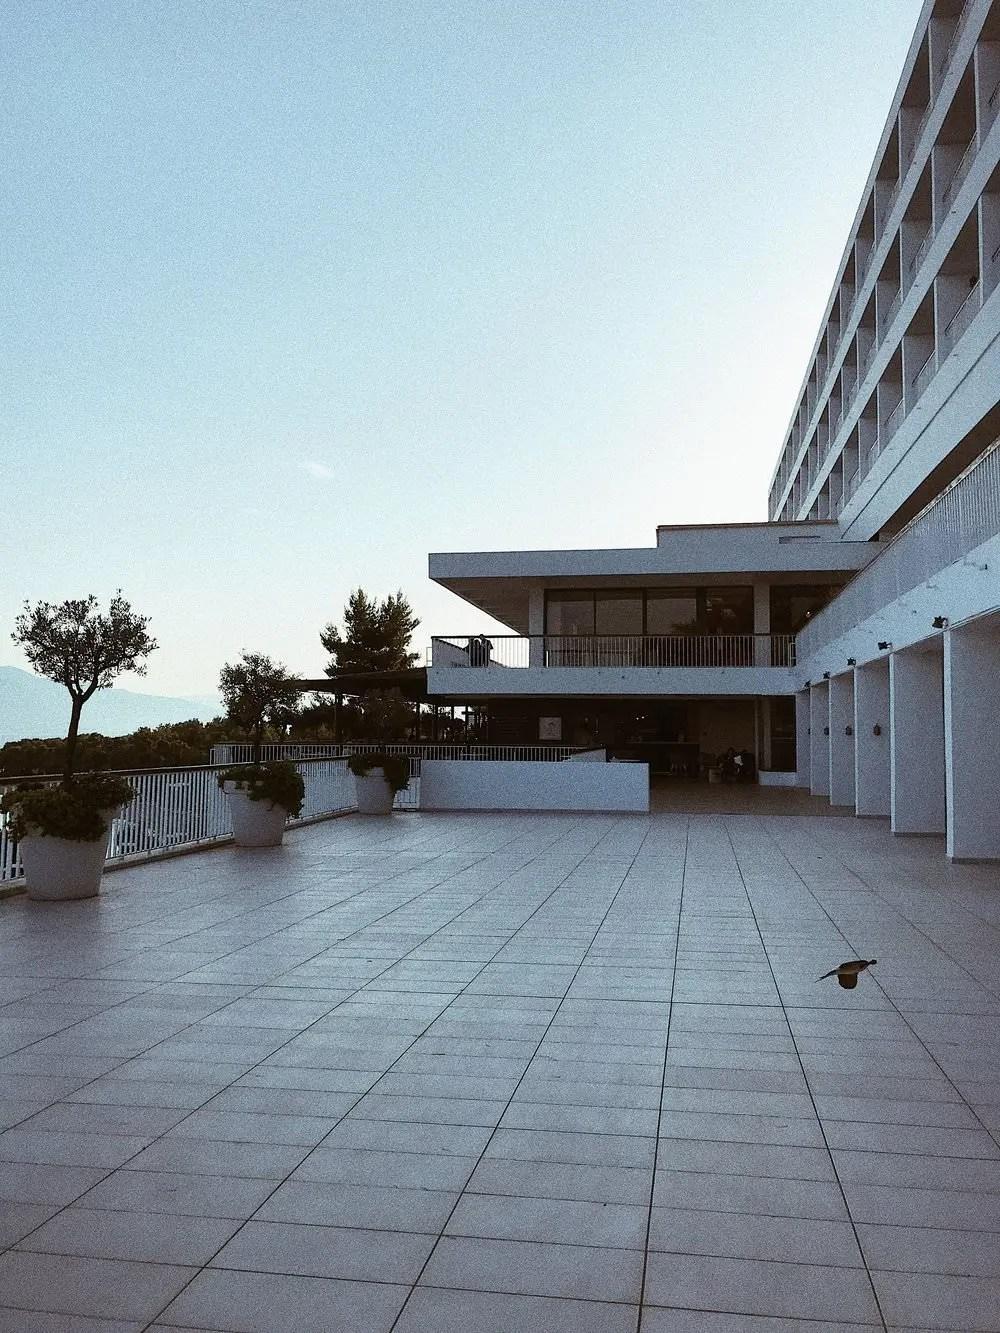 La terrasse du bâtiment principal